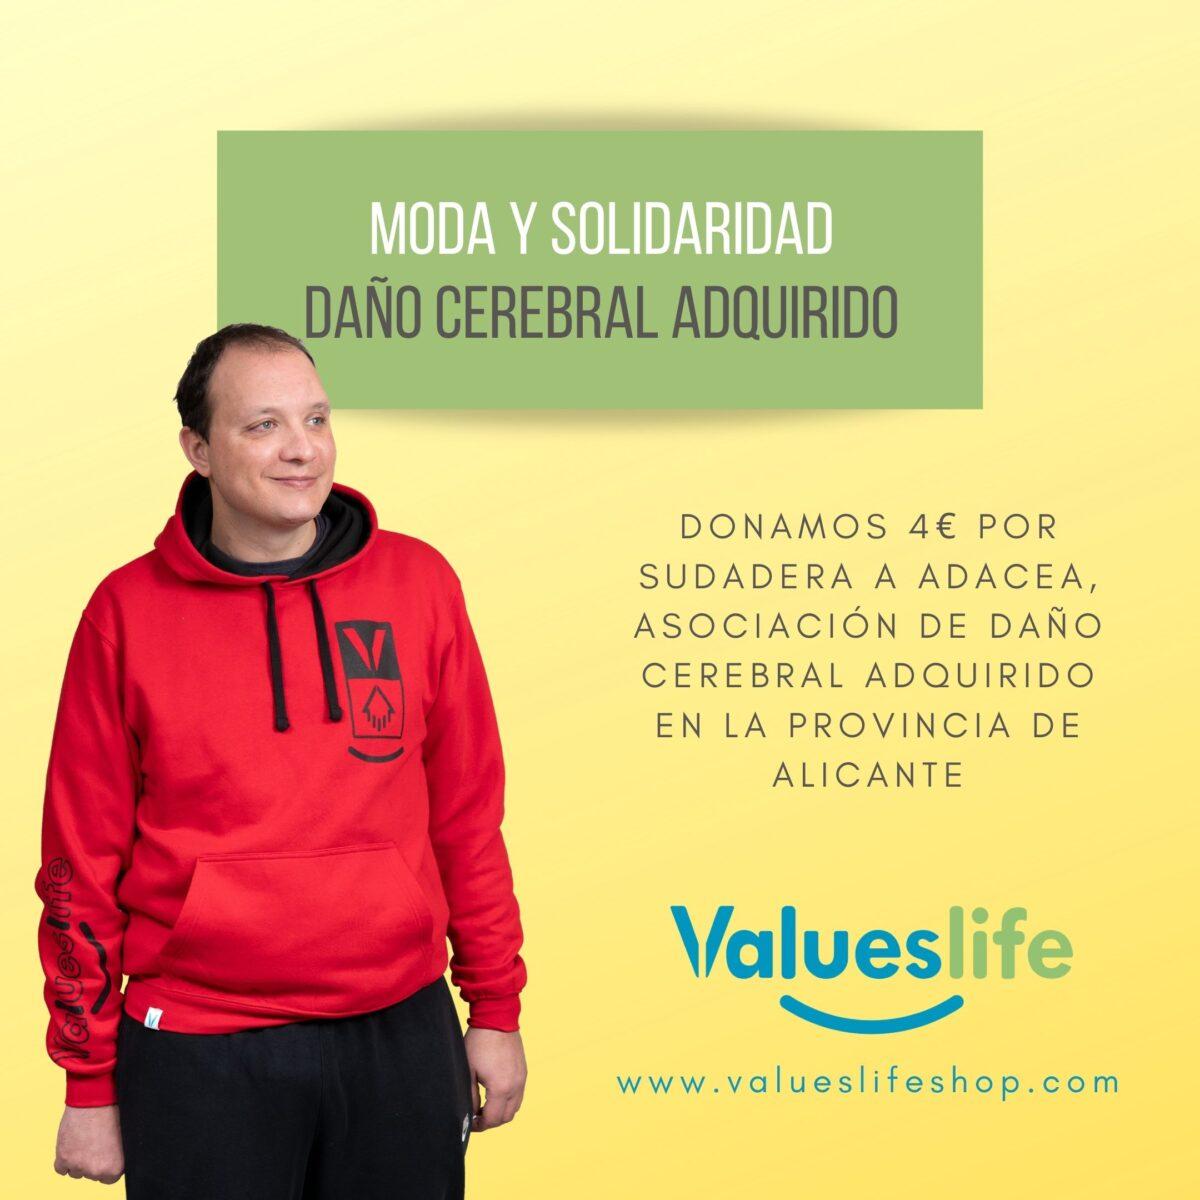 Sudaderas Solidaria de ValuesLife en beneficio de ADACEA